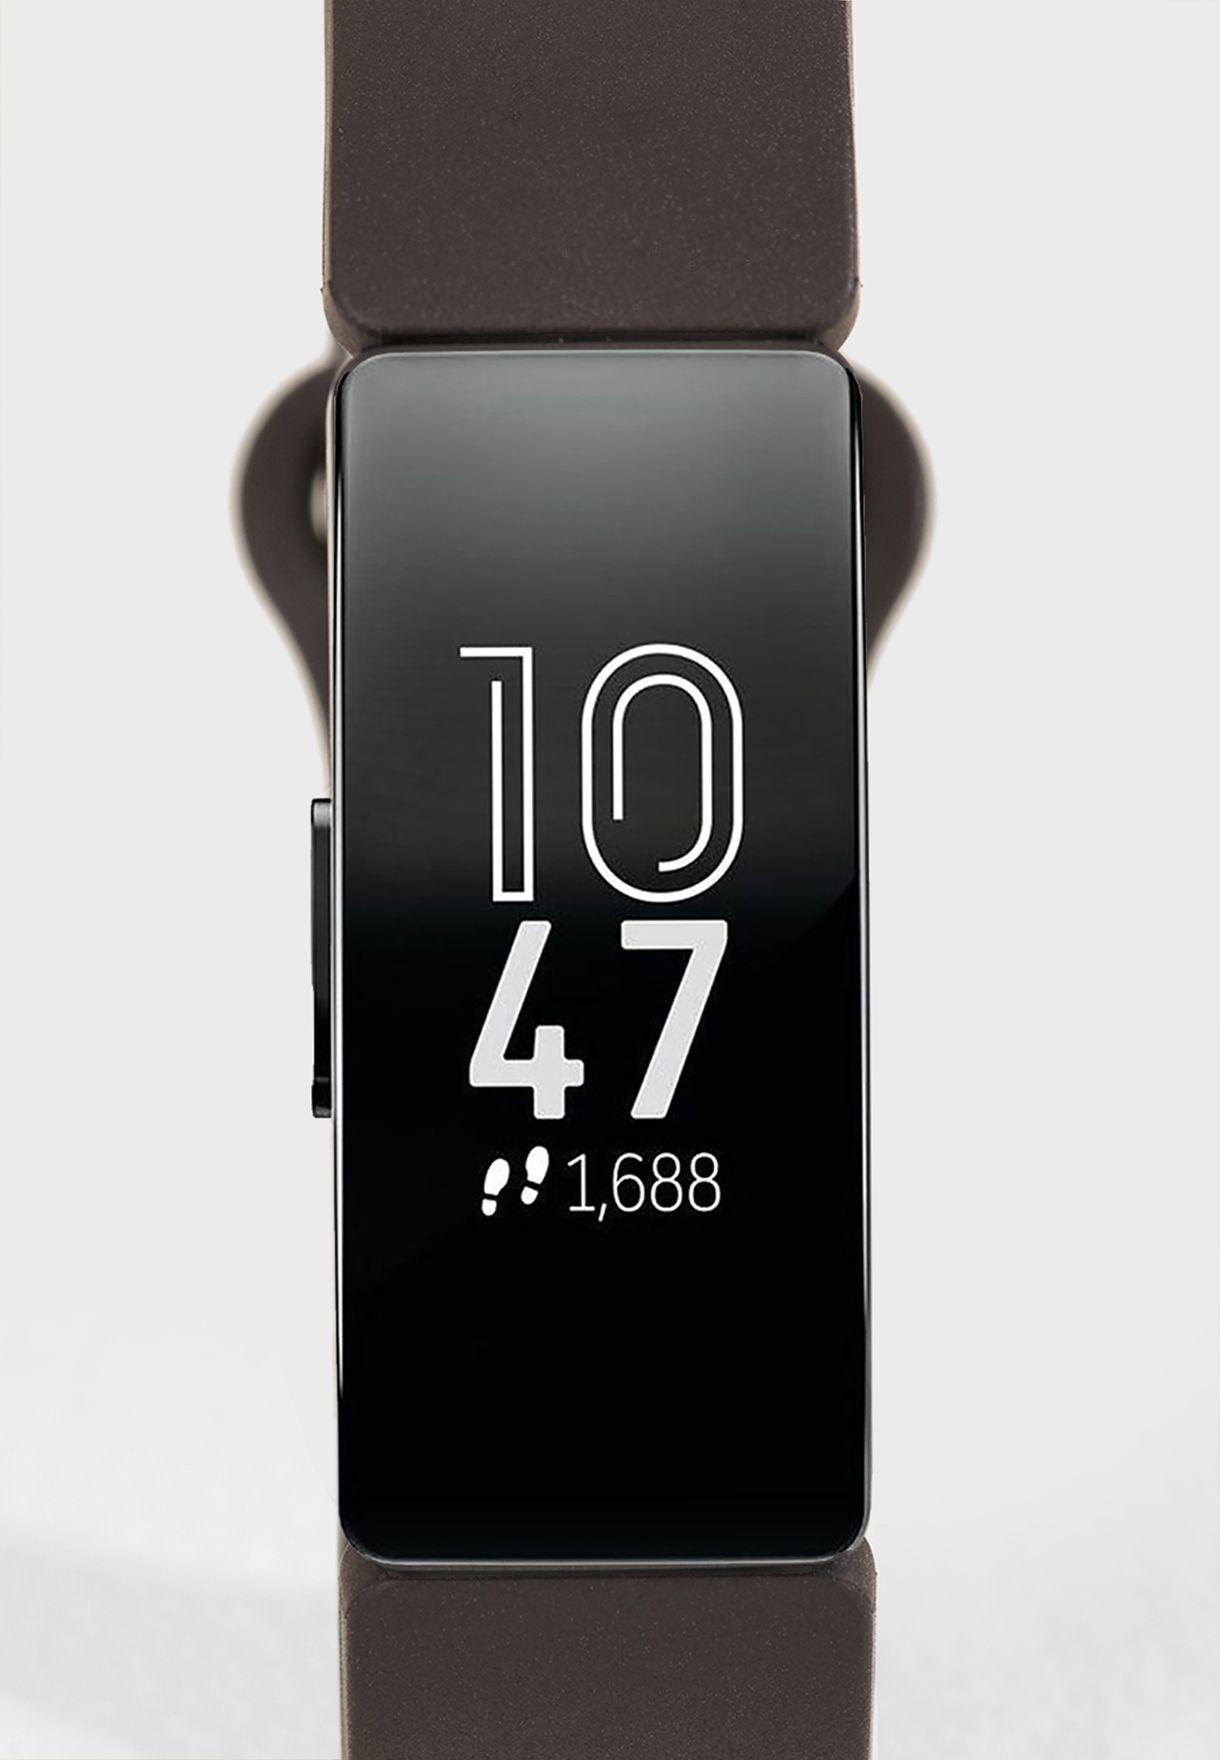 ساعة ذكية انسباير